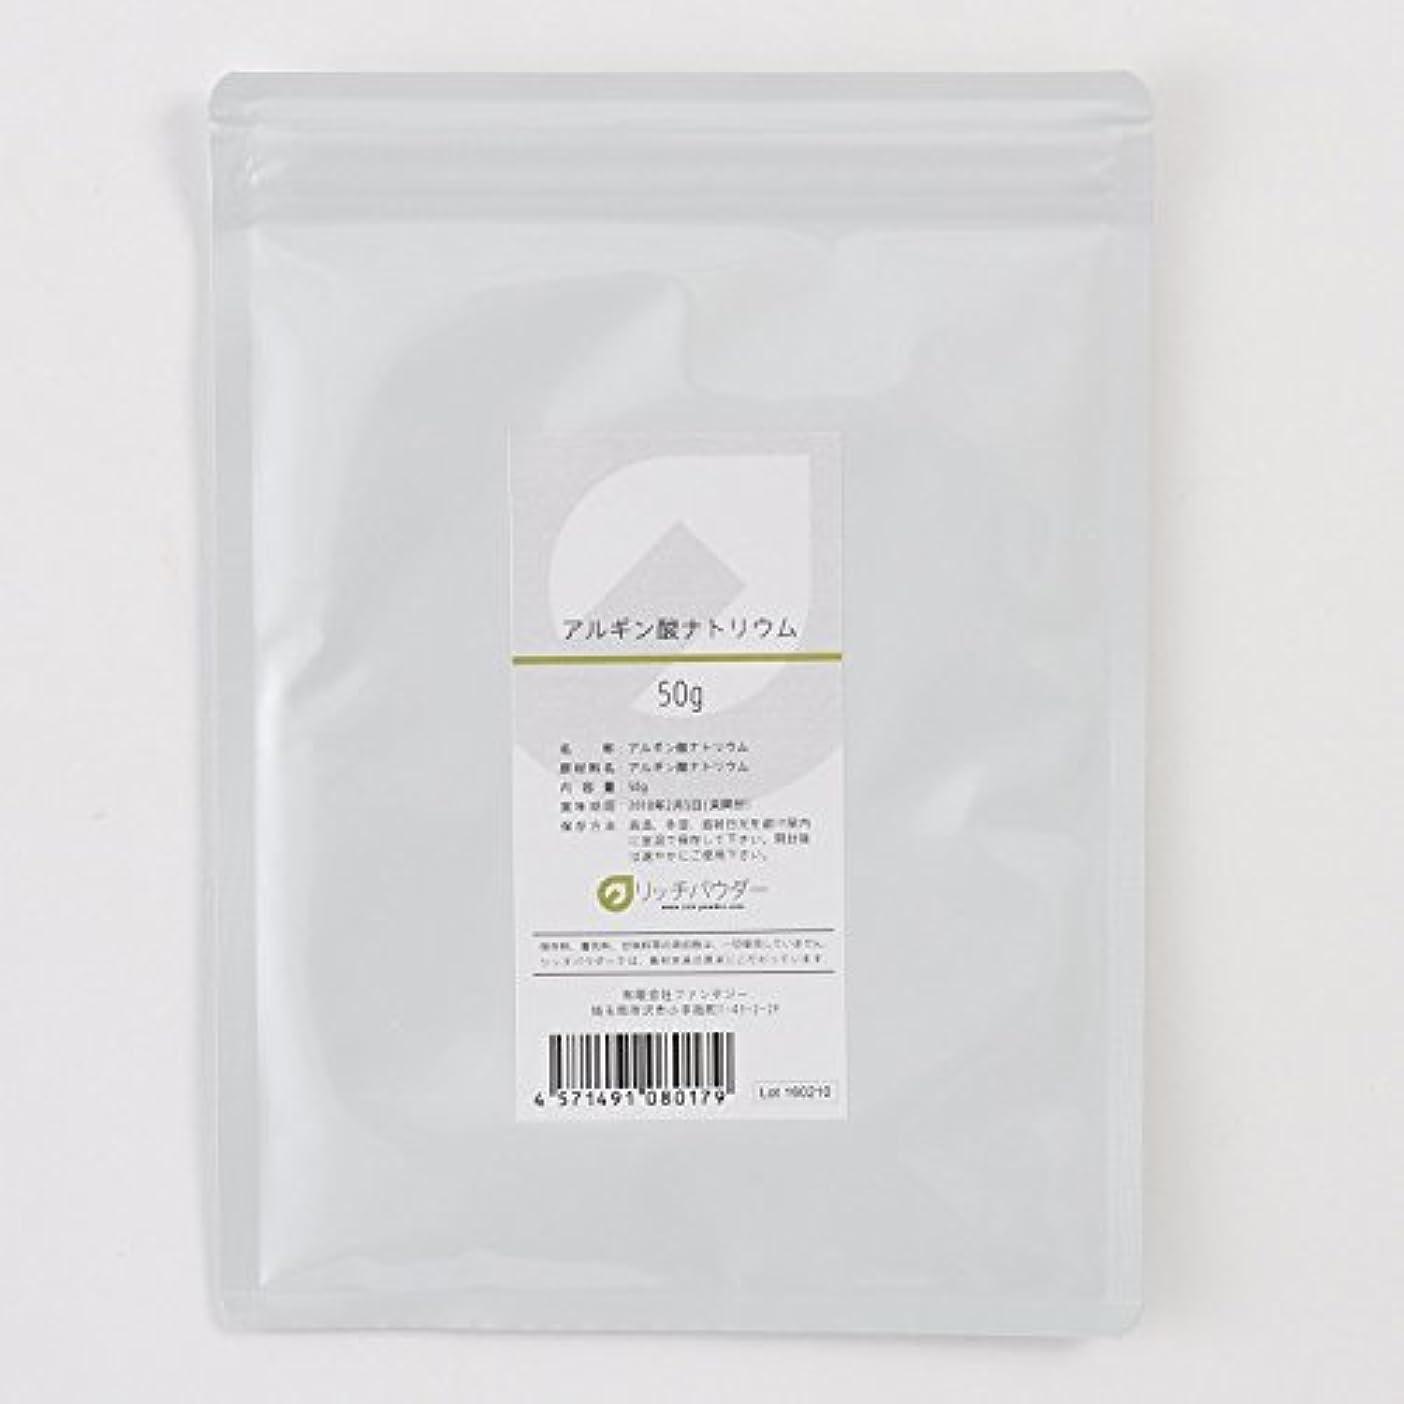 新聞バンジージャンプ制限されたアルギン酸ナトリウム50g